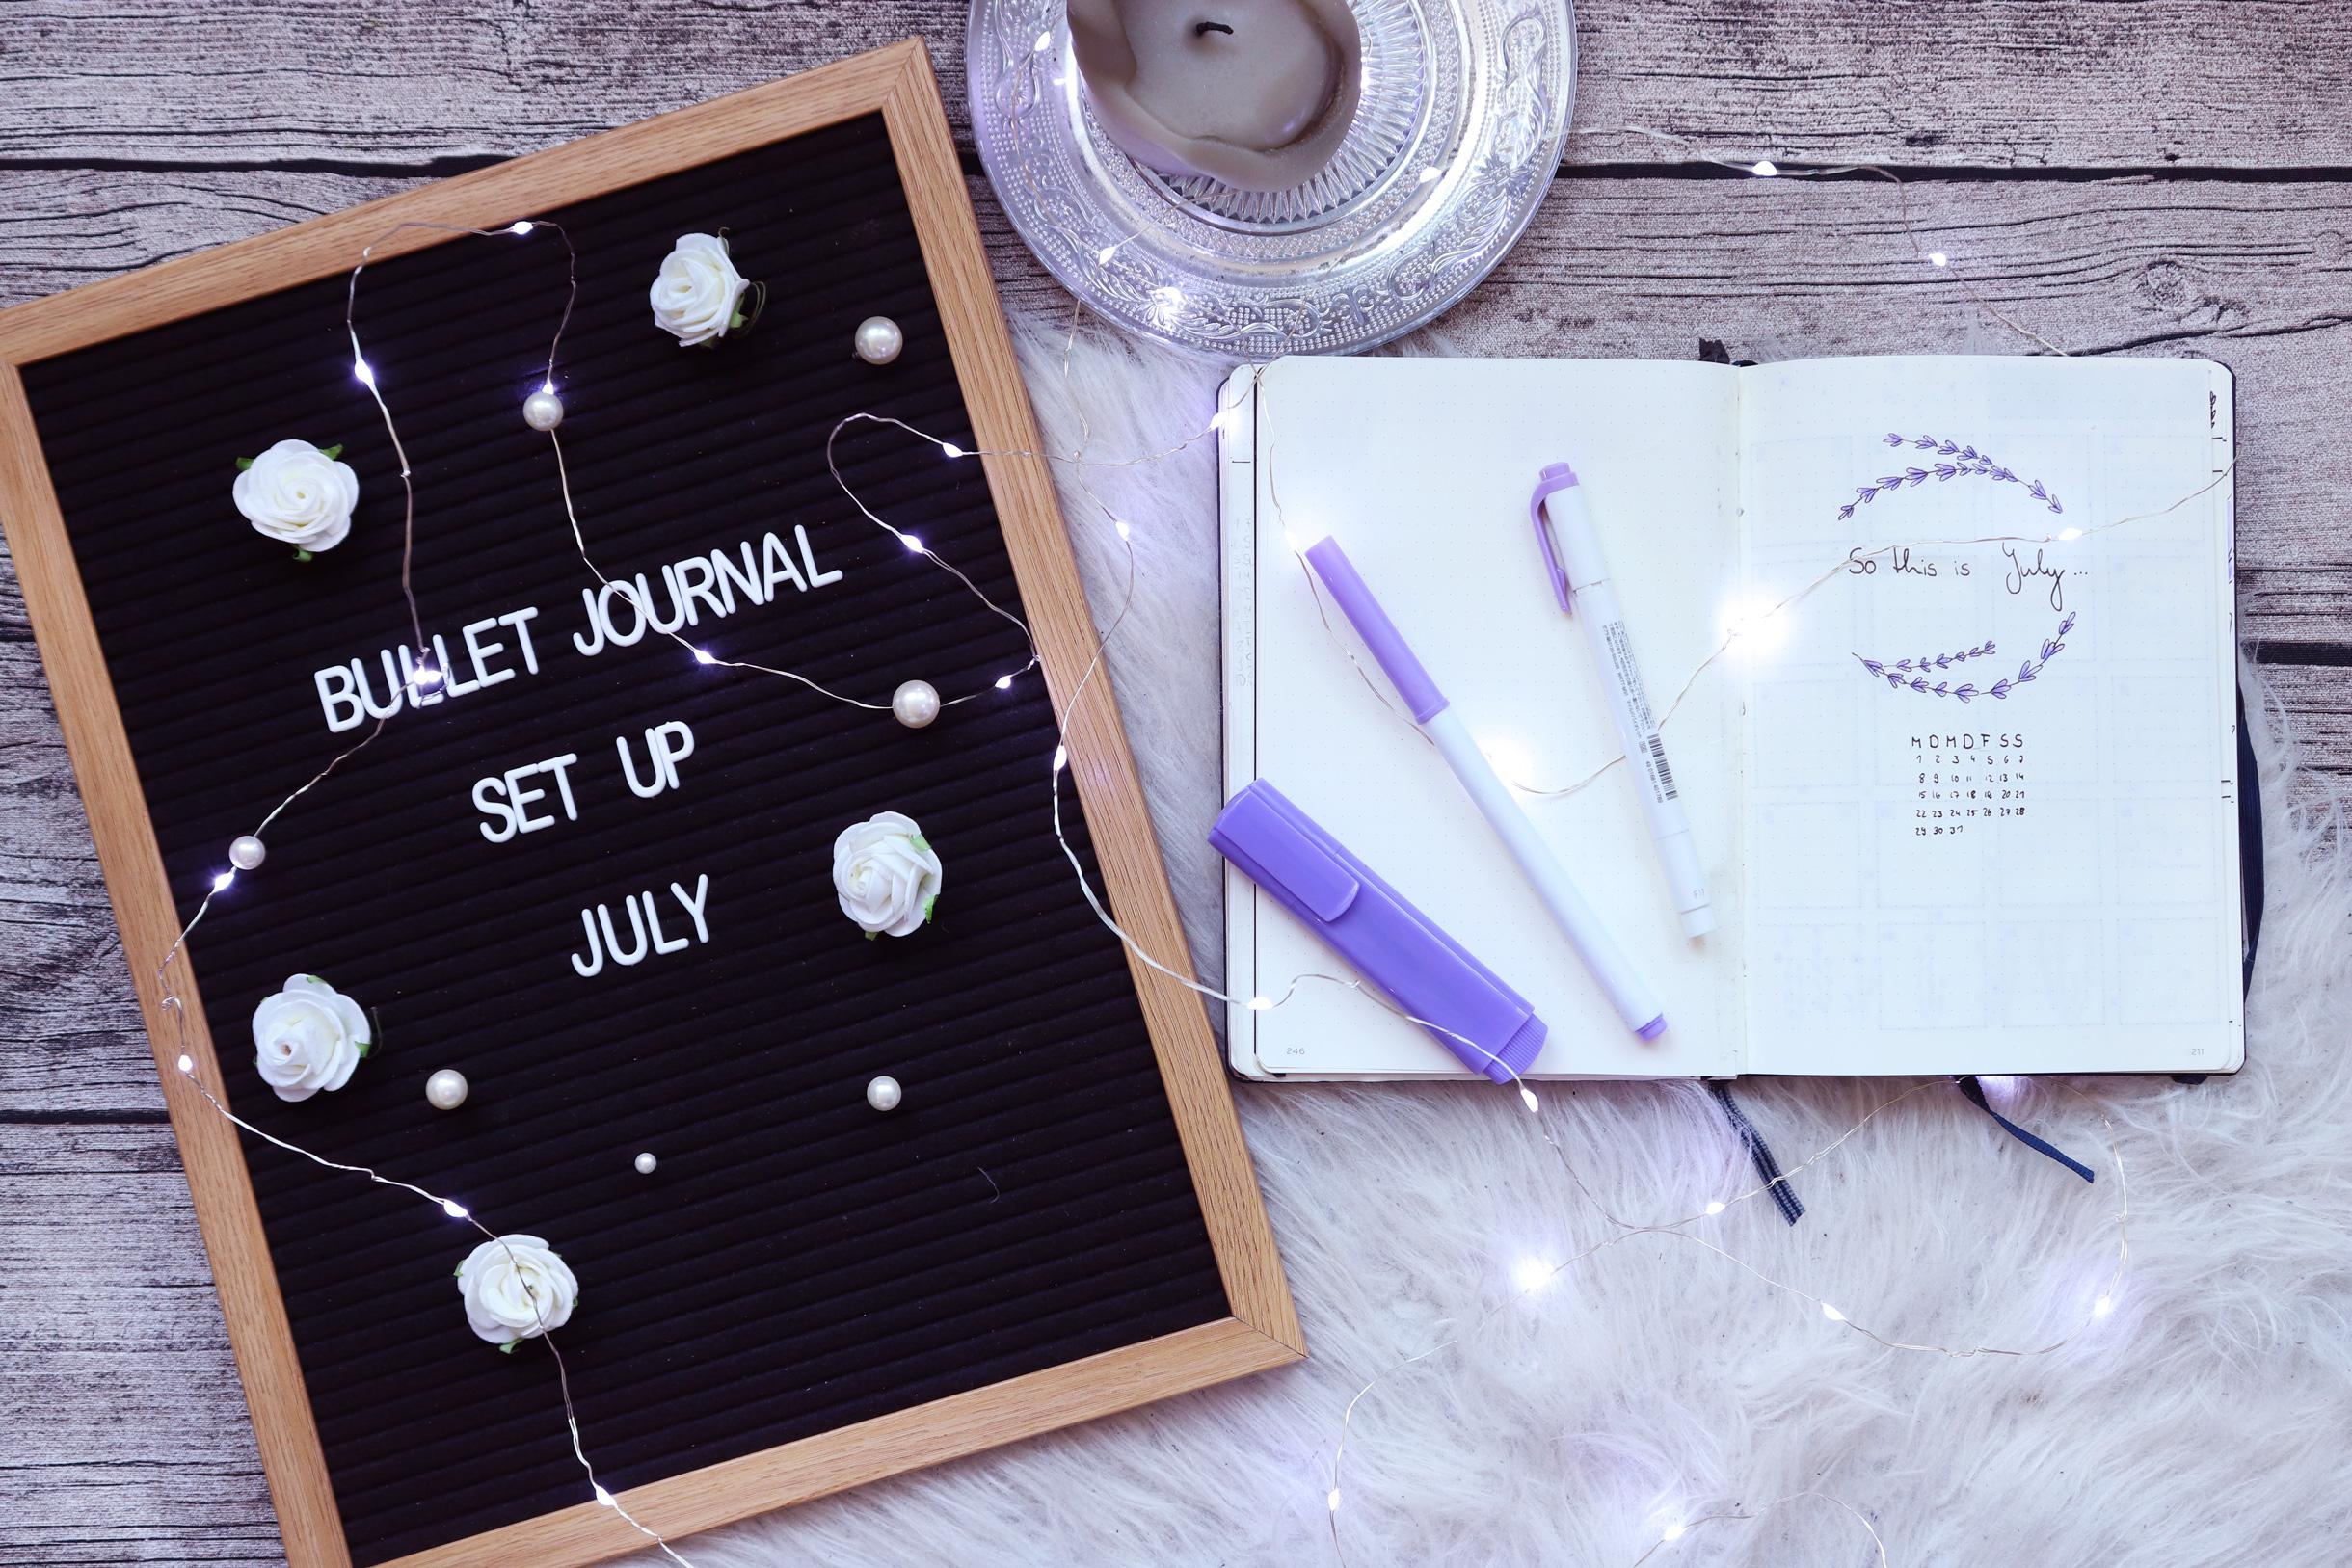 Titelbild des Blogposts, Bullet Journal Set Up Juli mit Titelseite Juli und Journal, Lila stiften